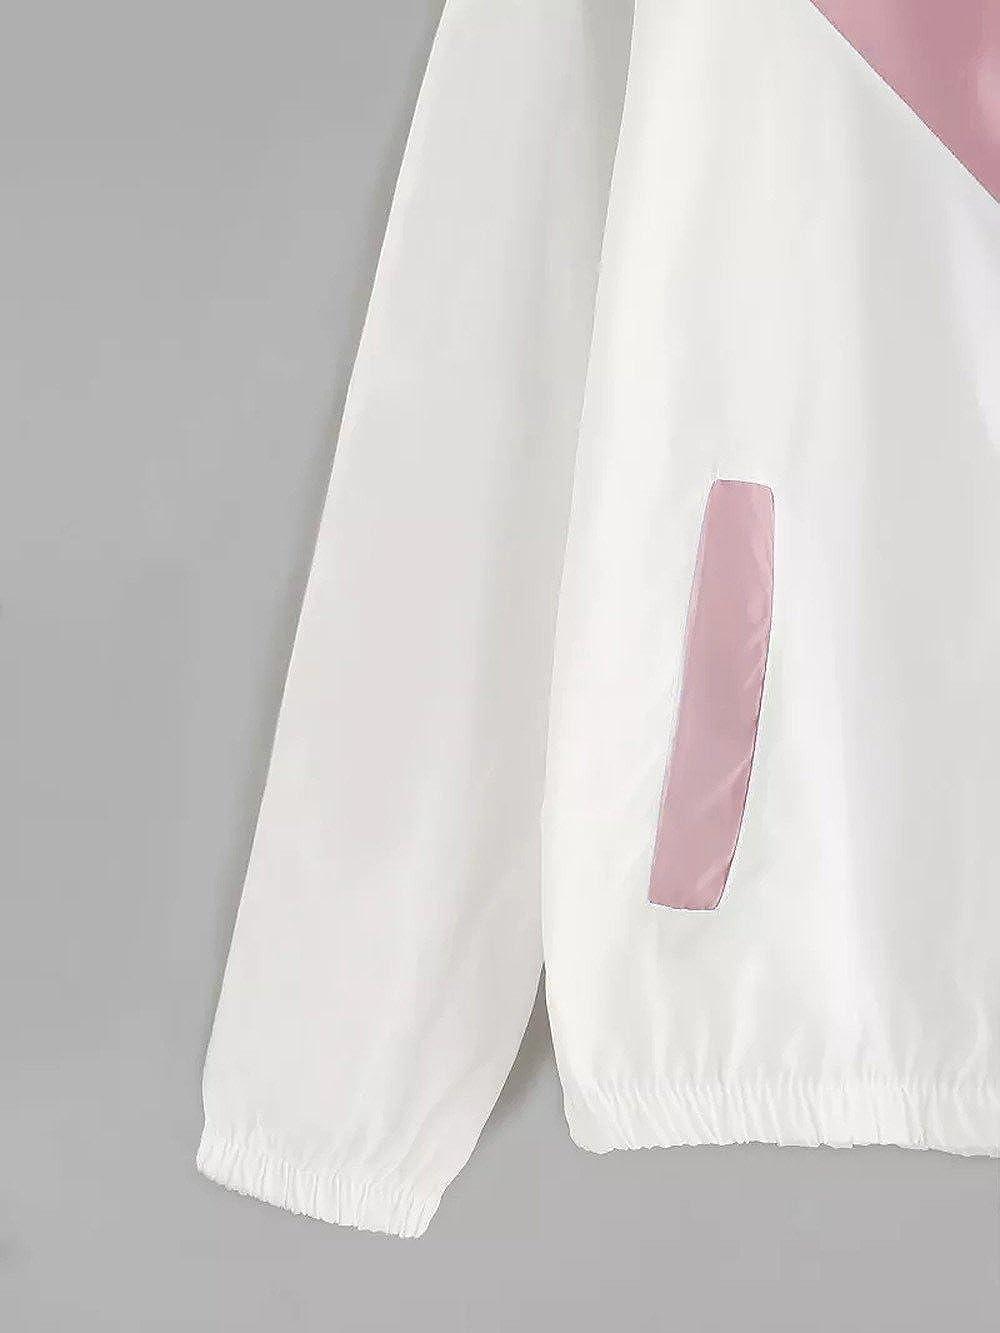 Cappotto Caldo Donne Elegante Taglie Forti S-3XL Idee Natale Regalo per Festa di Famiglia//Multicolore Felpe Donna Tumblr Casual Pullover di Stampa Magliette con Cappuccio